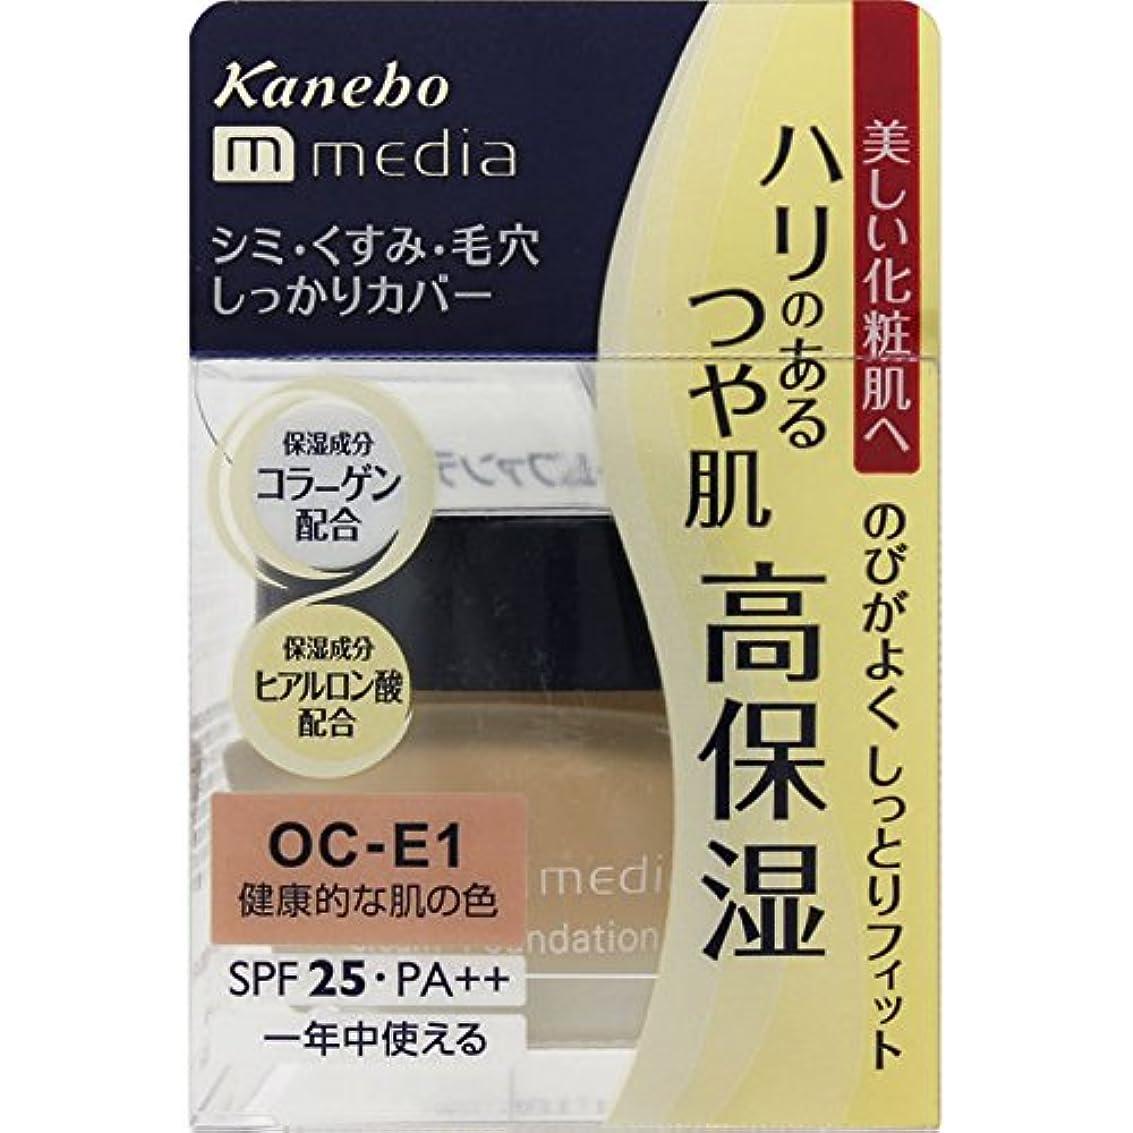 才能降臨夜明けカネボウ media(メディア) クリームファンデーション OC-E1(健康的な肌の色)